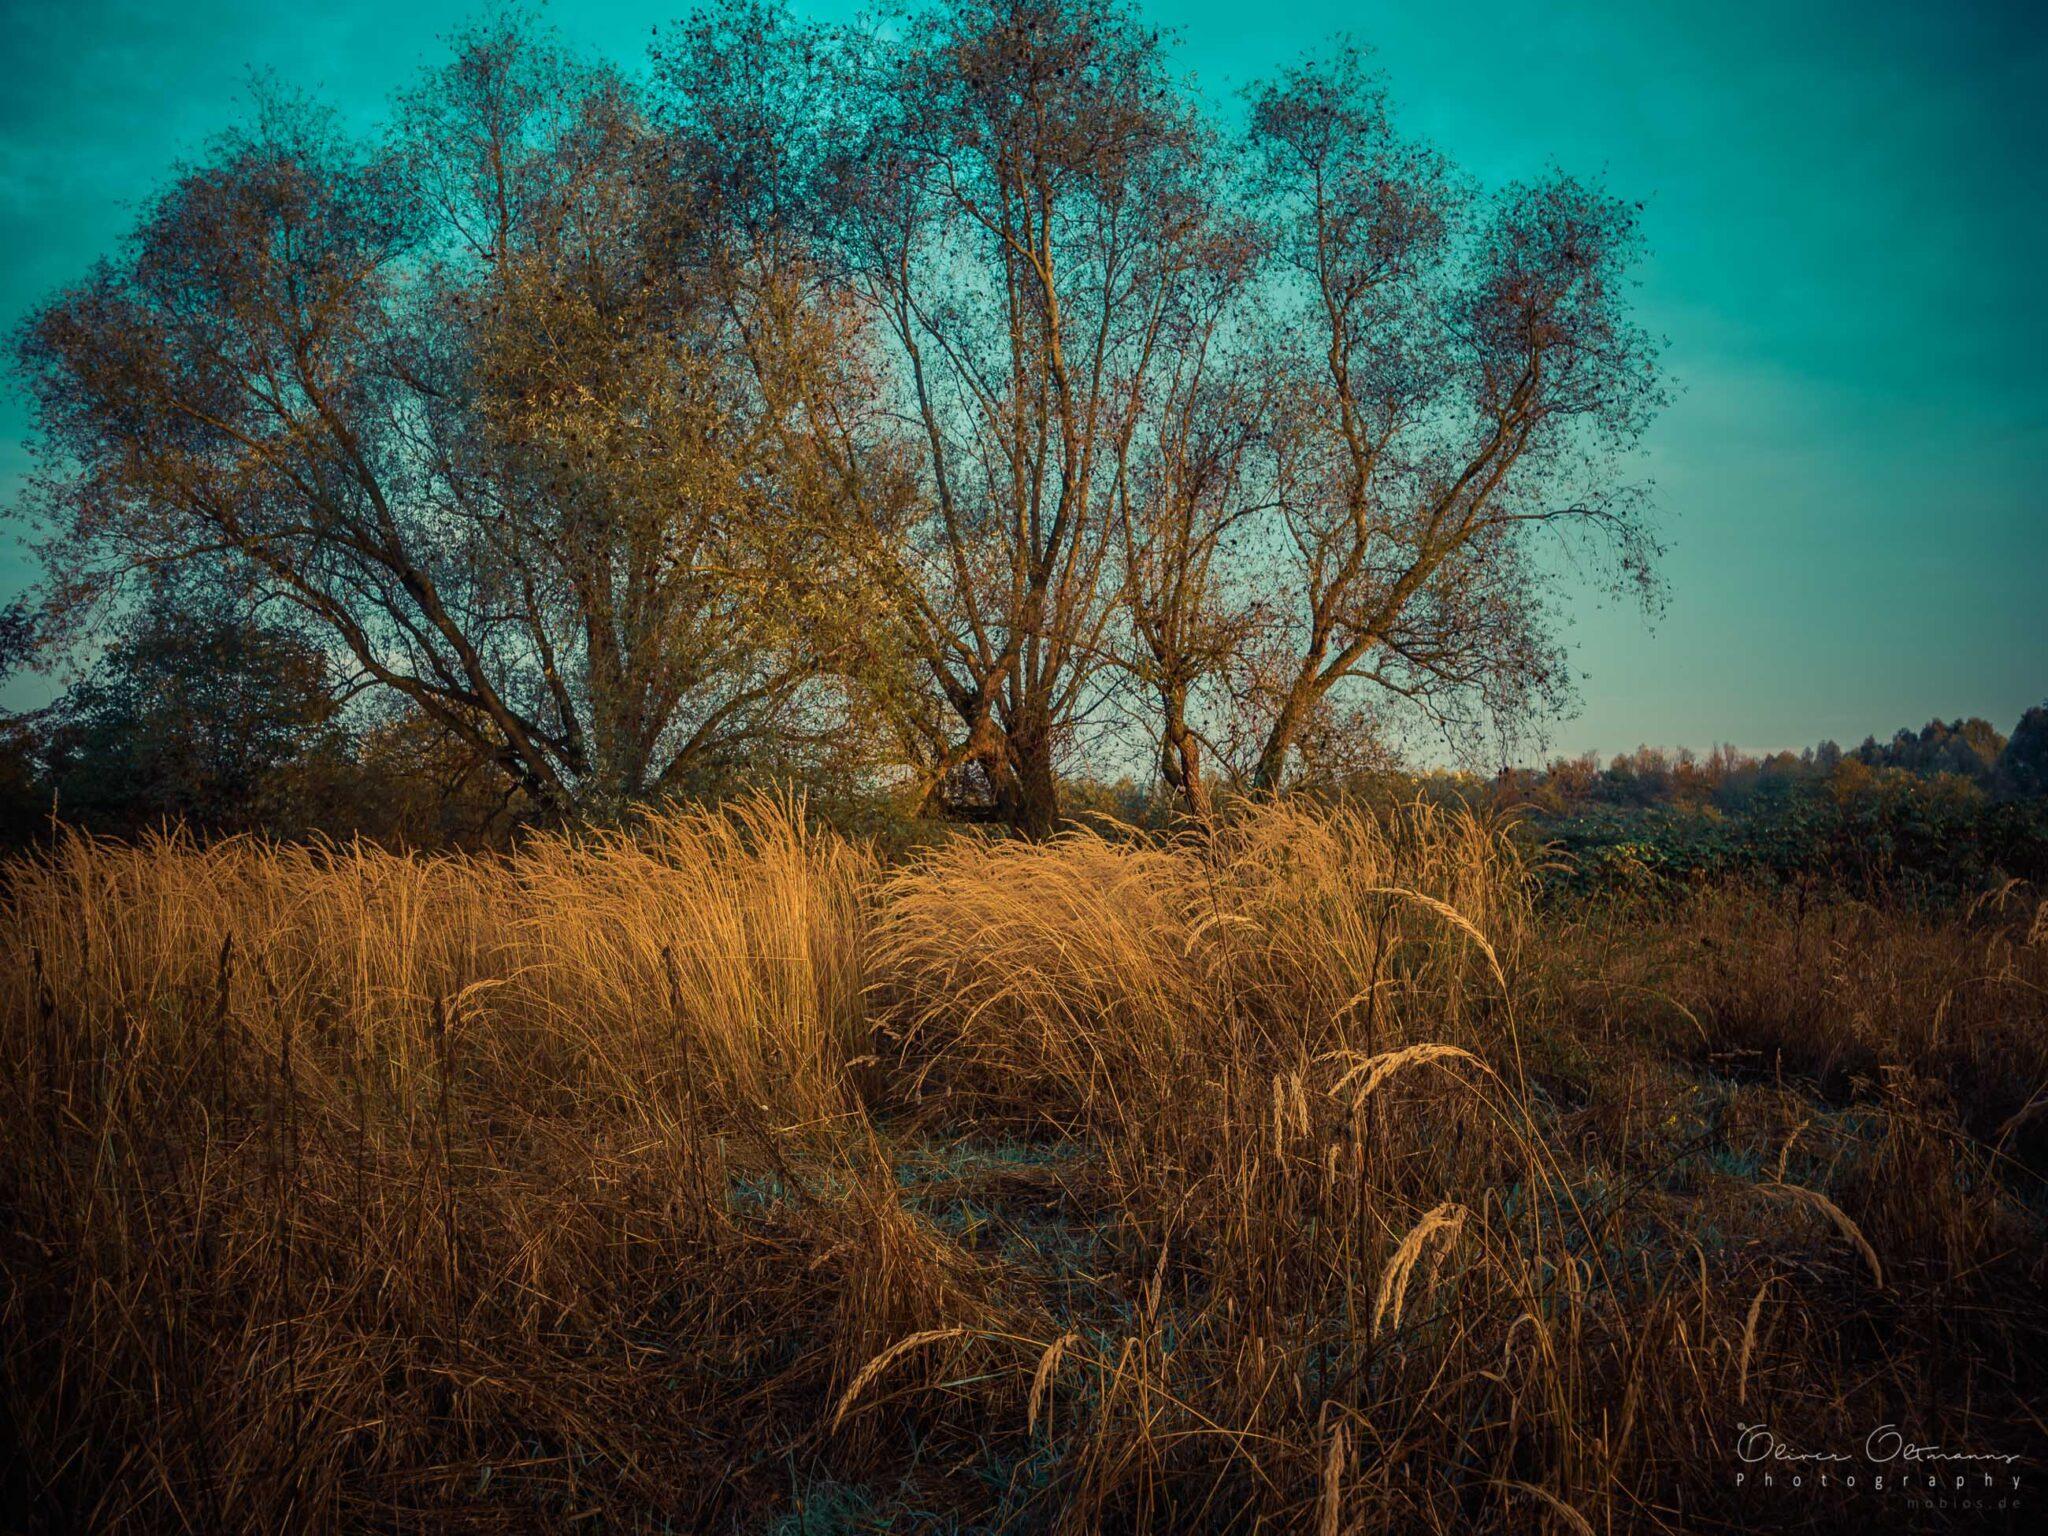 Herbstmorgen am Gisnterpfad